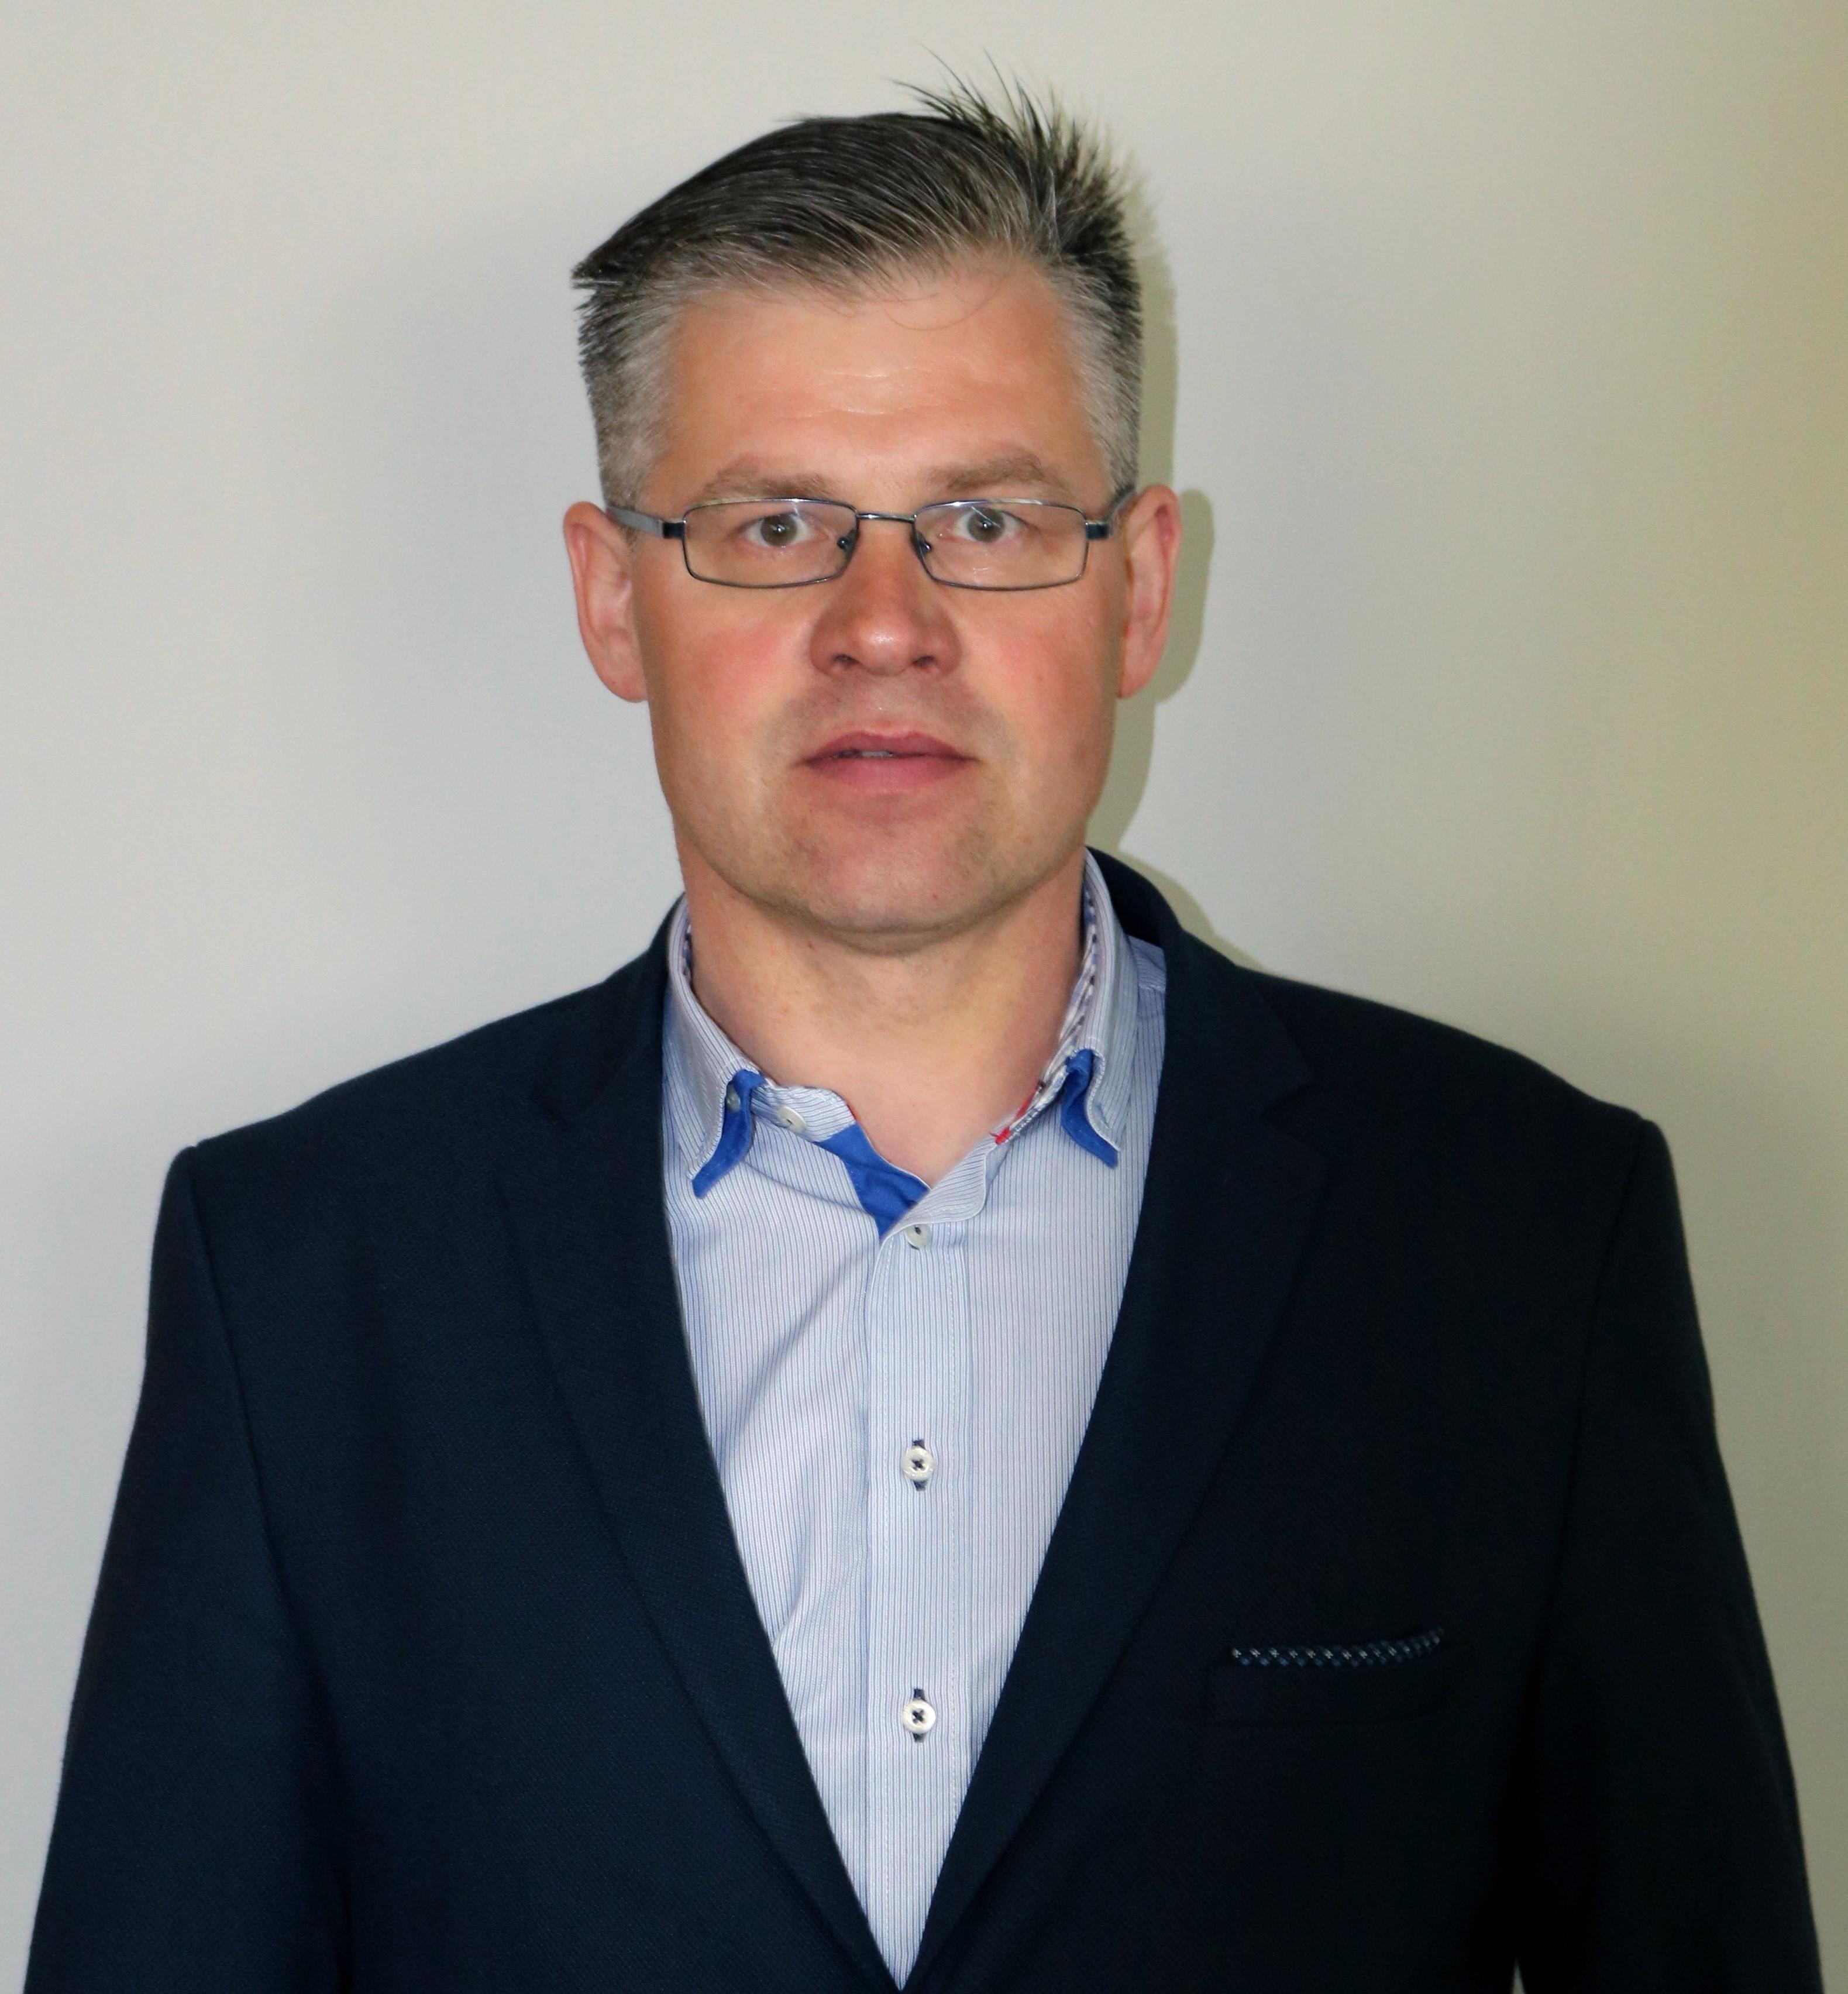 Mariusz Zalewski